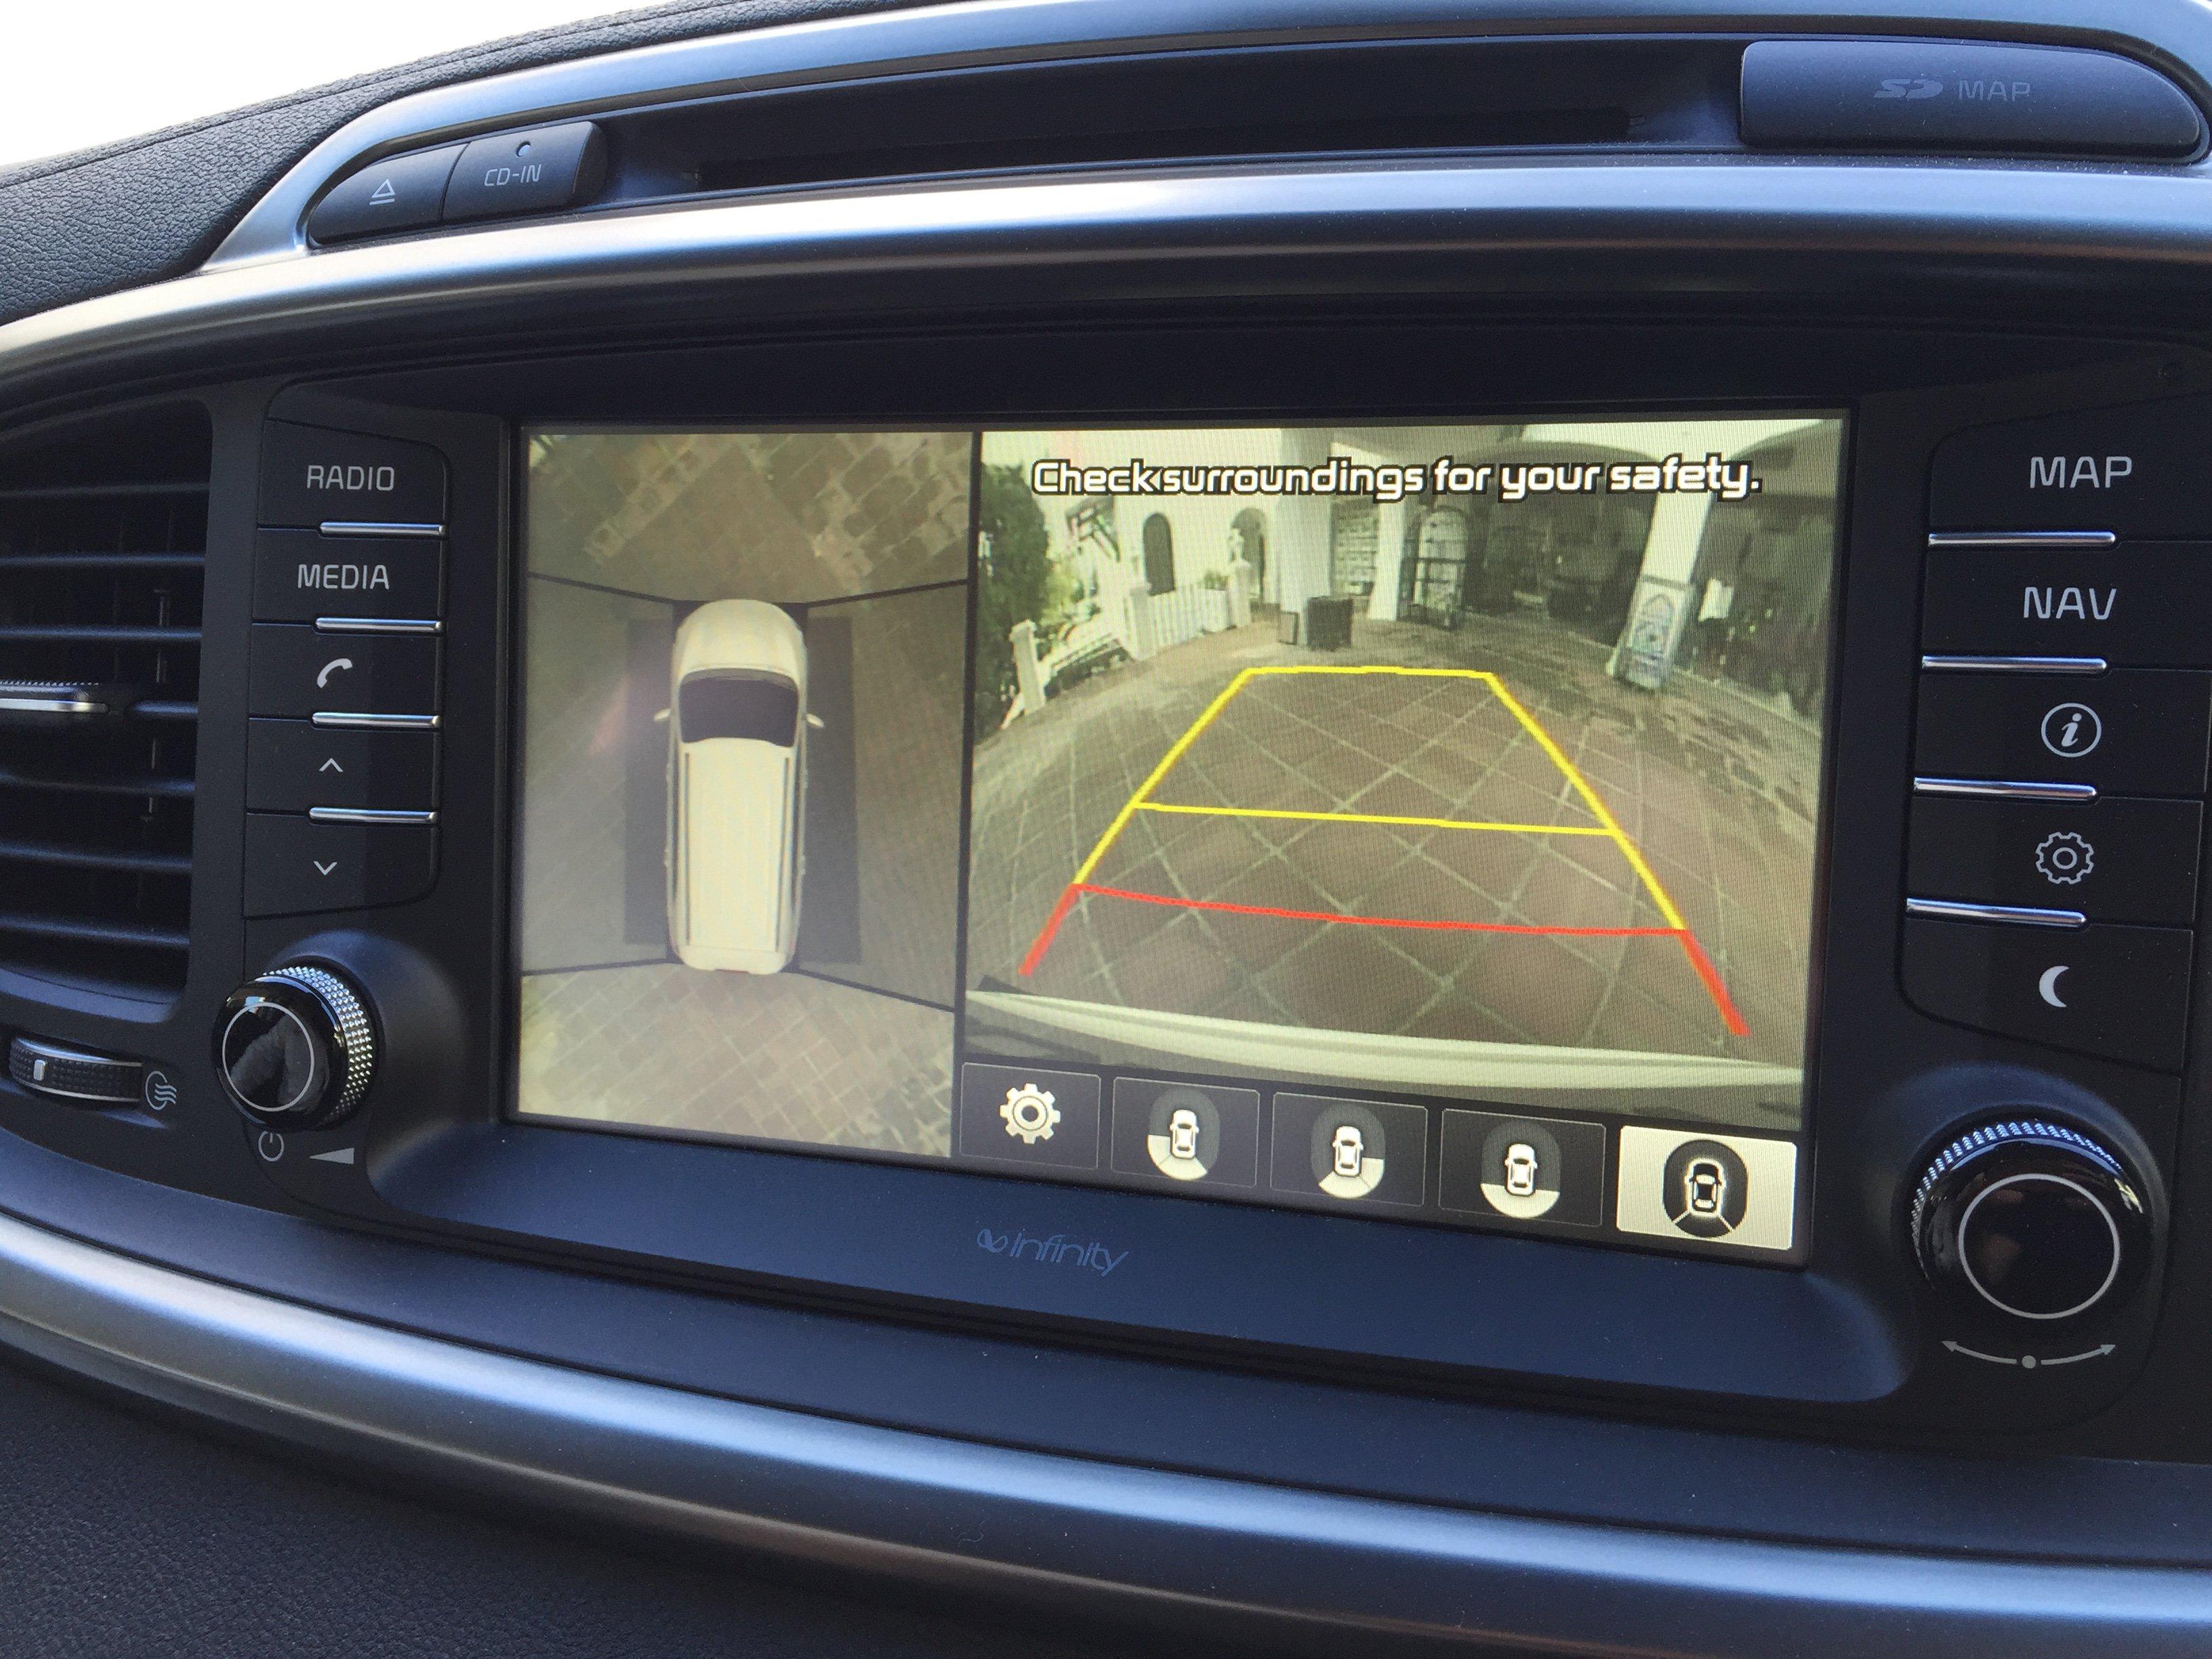 kia sorento review tech drive 2015 kx 2 kx 3 kx 4 expert reviews rh expertreviews co uk 2012 kia sorento navigation system manual 2013 Kia Sorento Navigation System